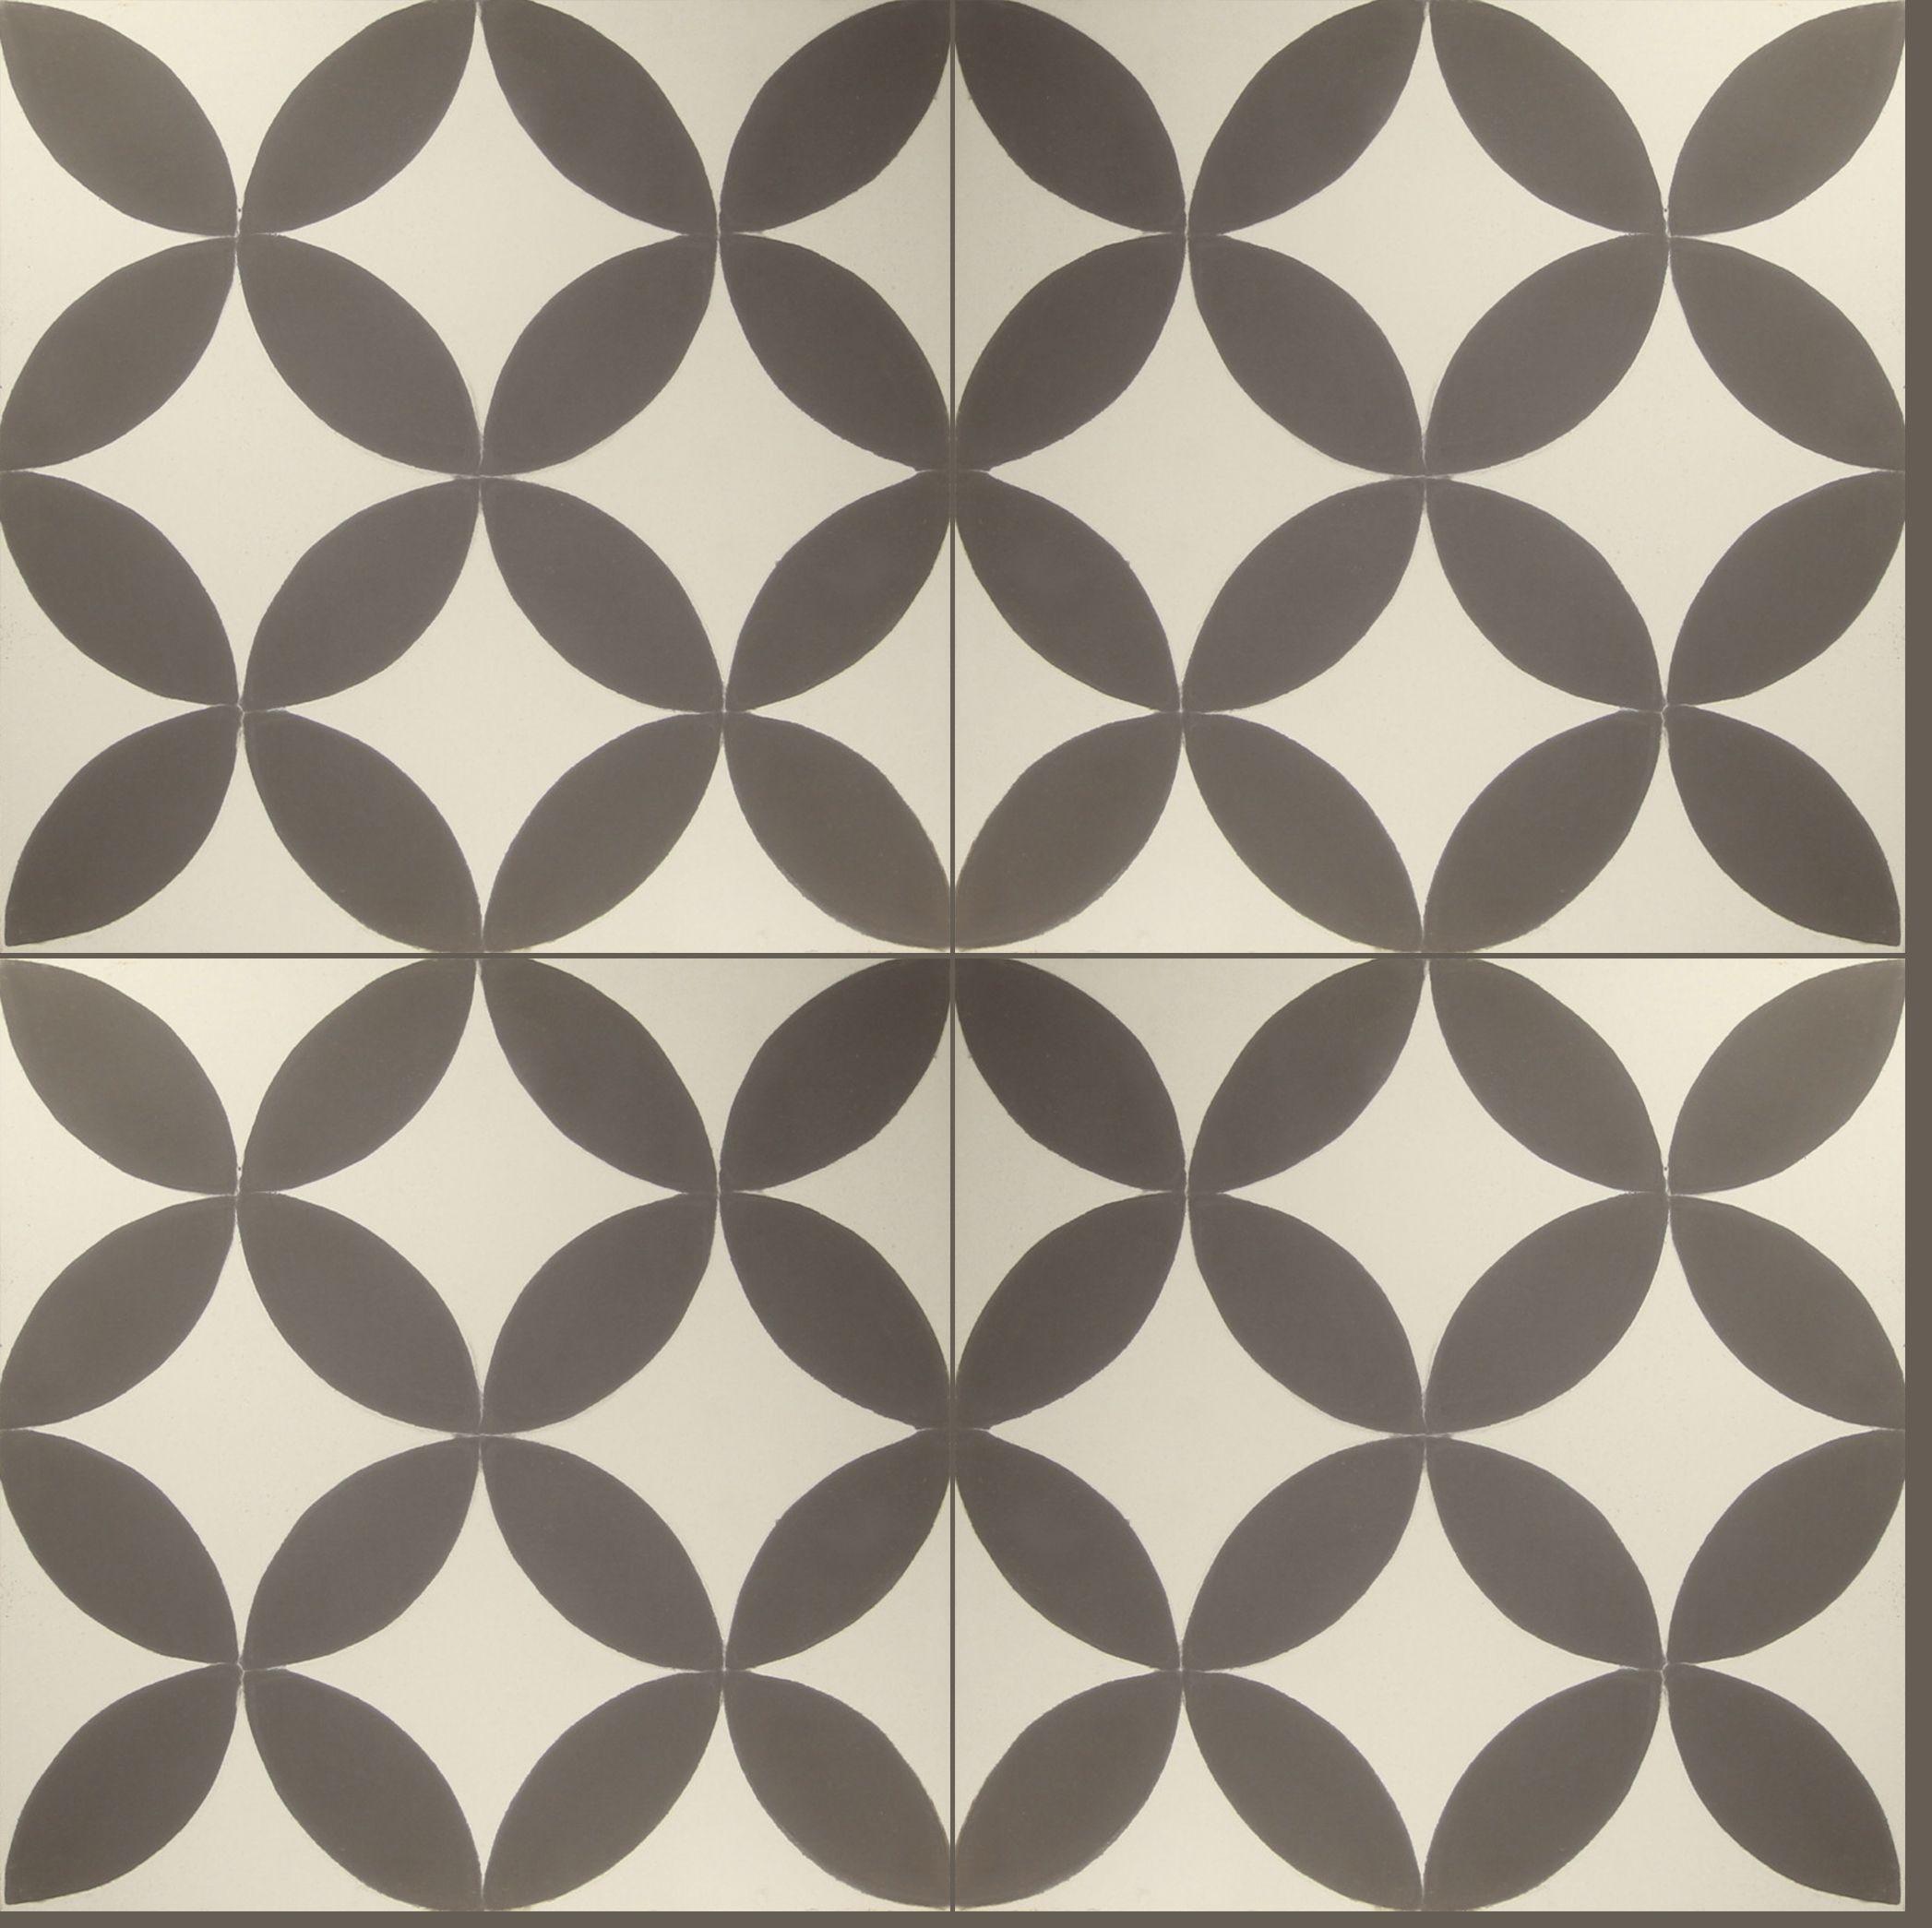 Torino-937 Un mosaico moderno y clasico a la vez. Decoracion de ...